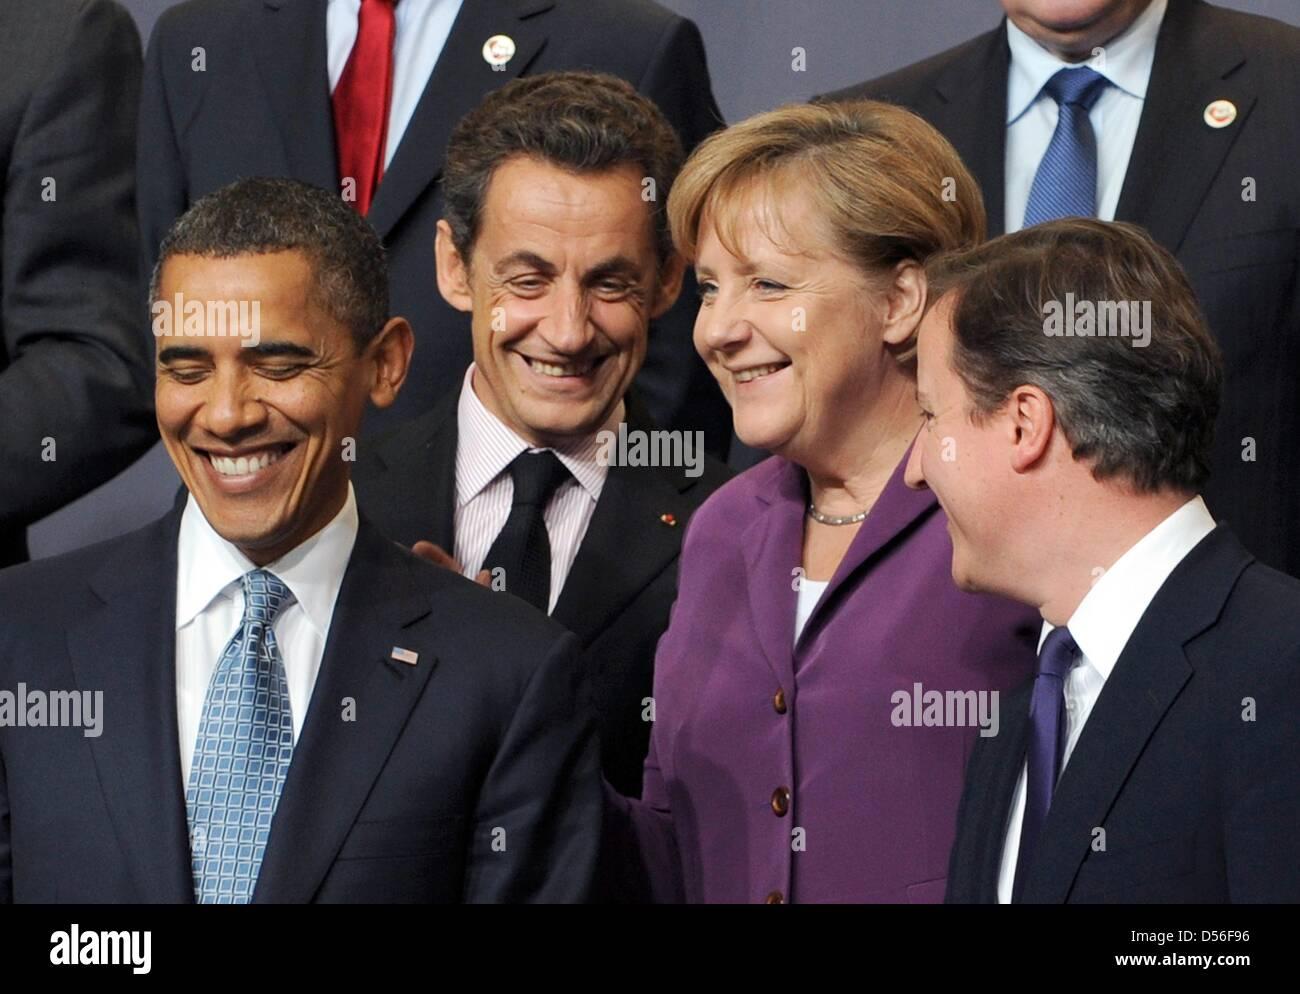 Vor Aufnahme des Familienfotos der Mitglieder der NATO stehen US-Präsident Barack Obama (l-r), der französische - Stock Image